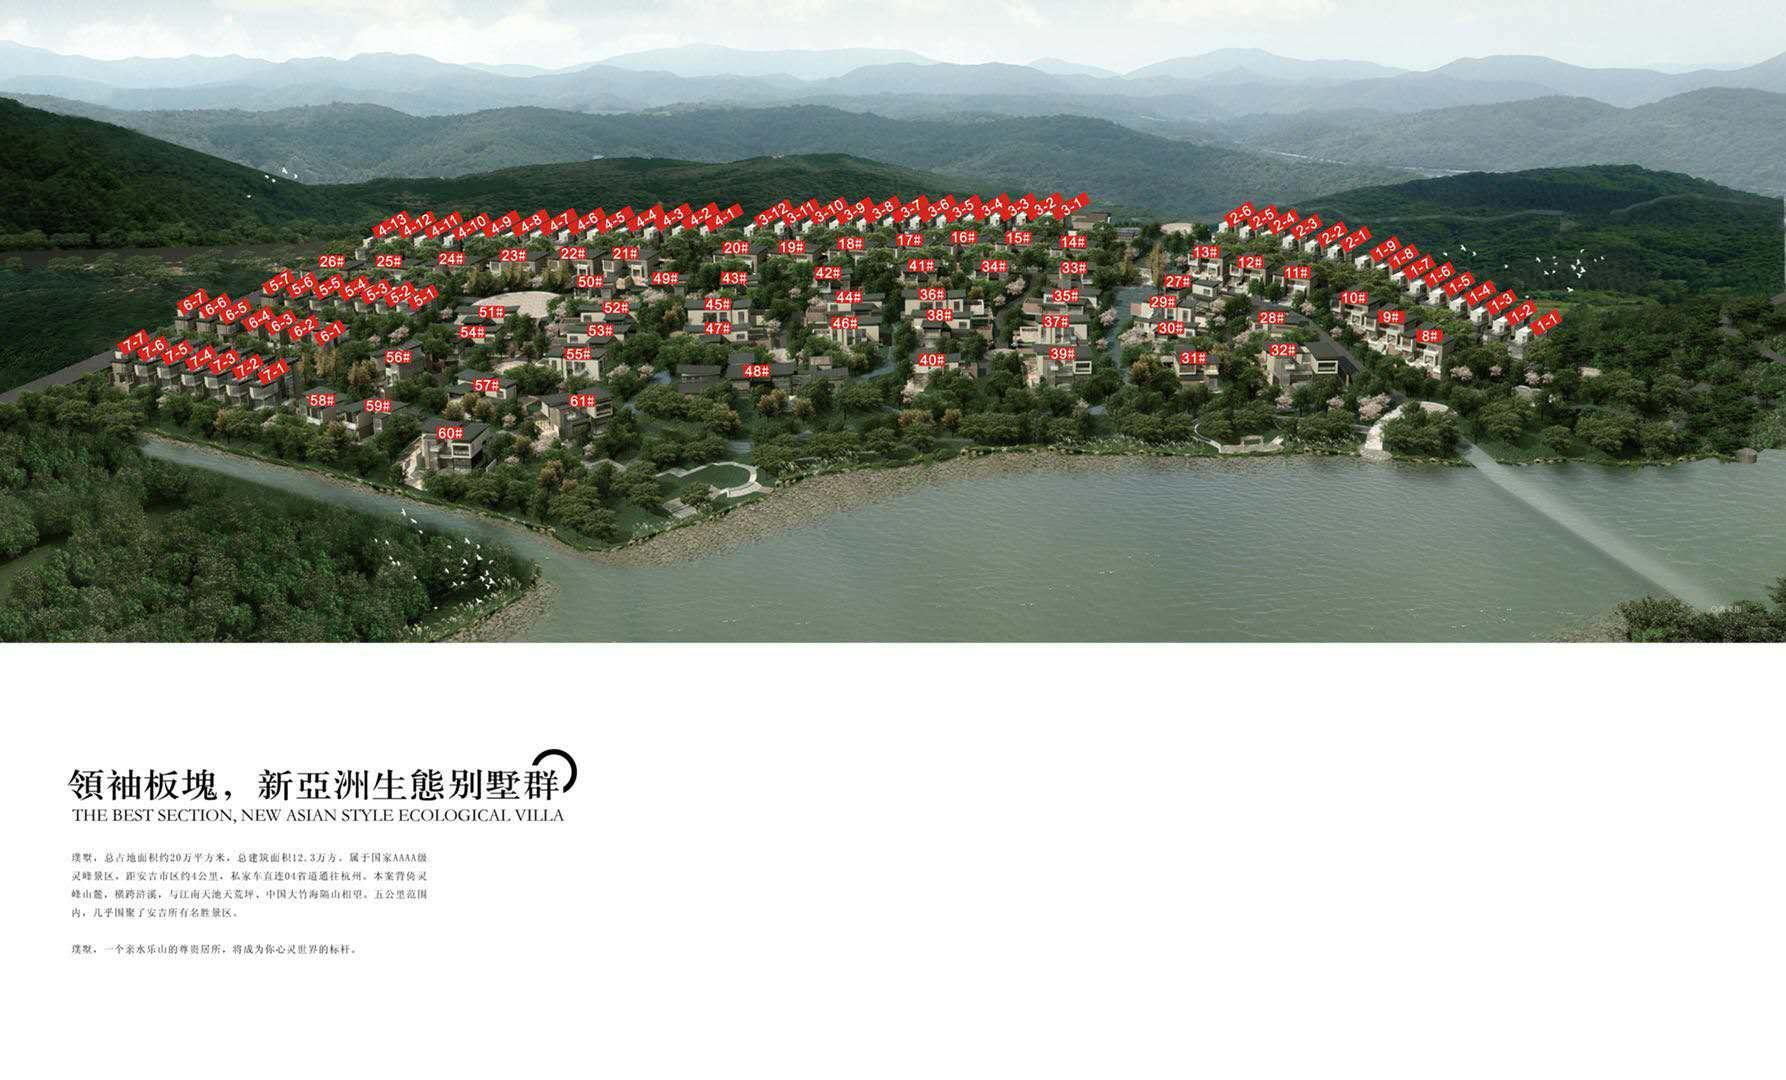 司典日志丨与张元先生、李林徐硕伉俪一聚于灵峰山庄